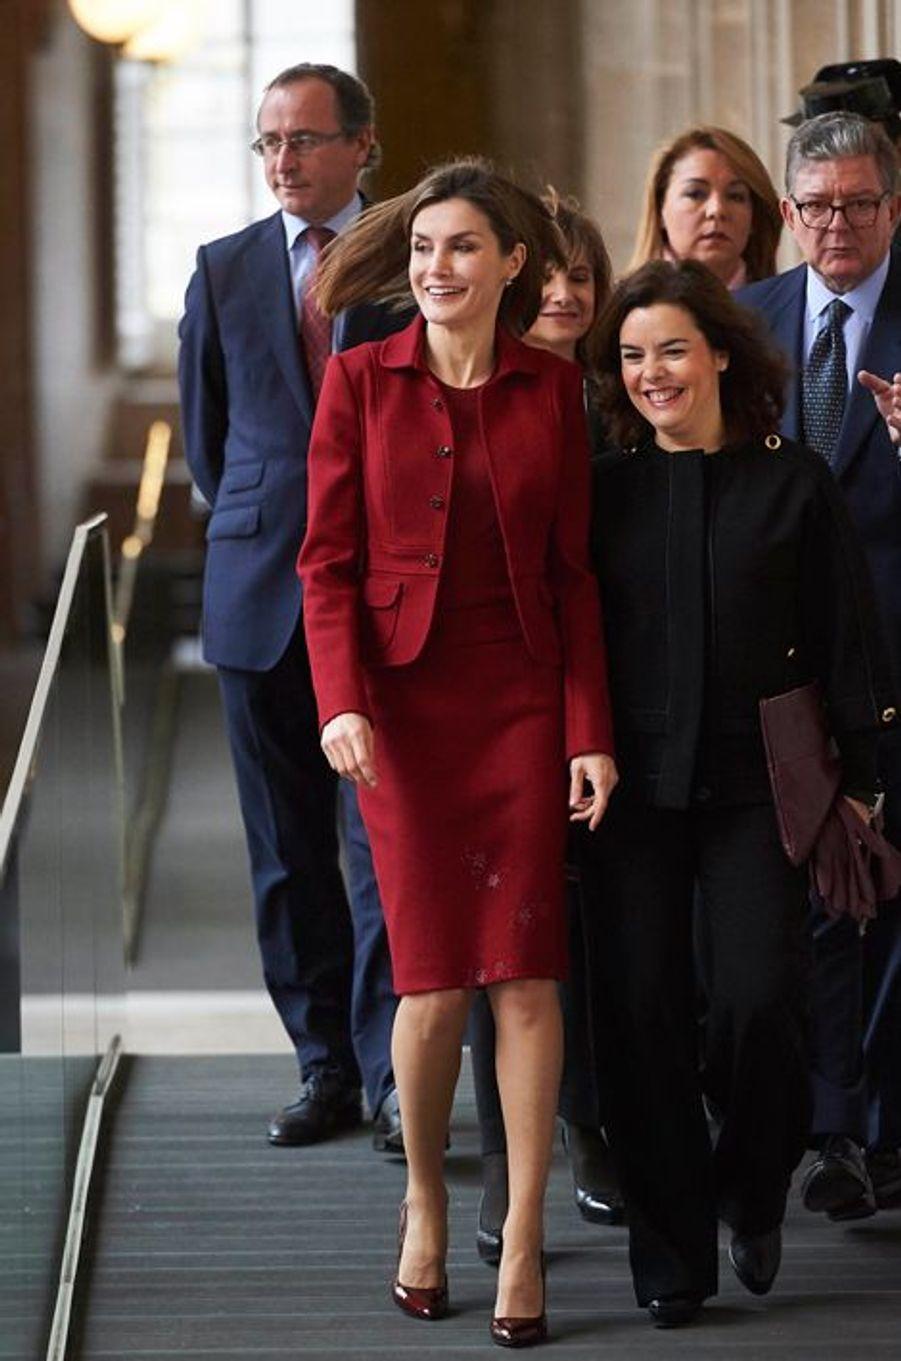 La reine Letizia d'Espagne au Palais royal à Madrid, le 10 février 2016